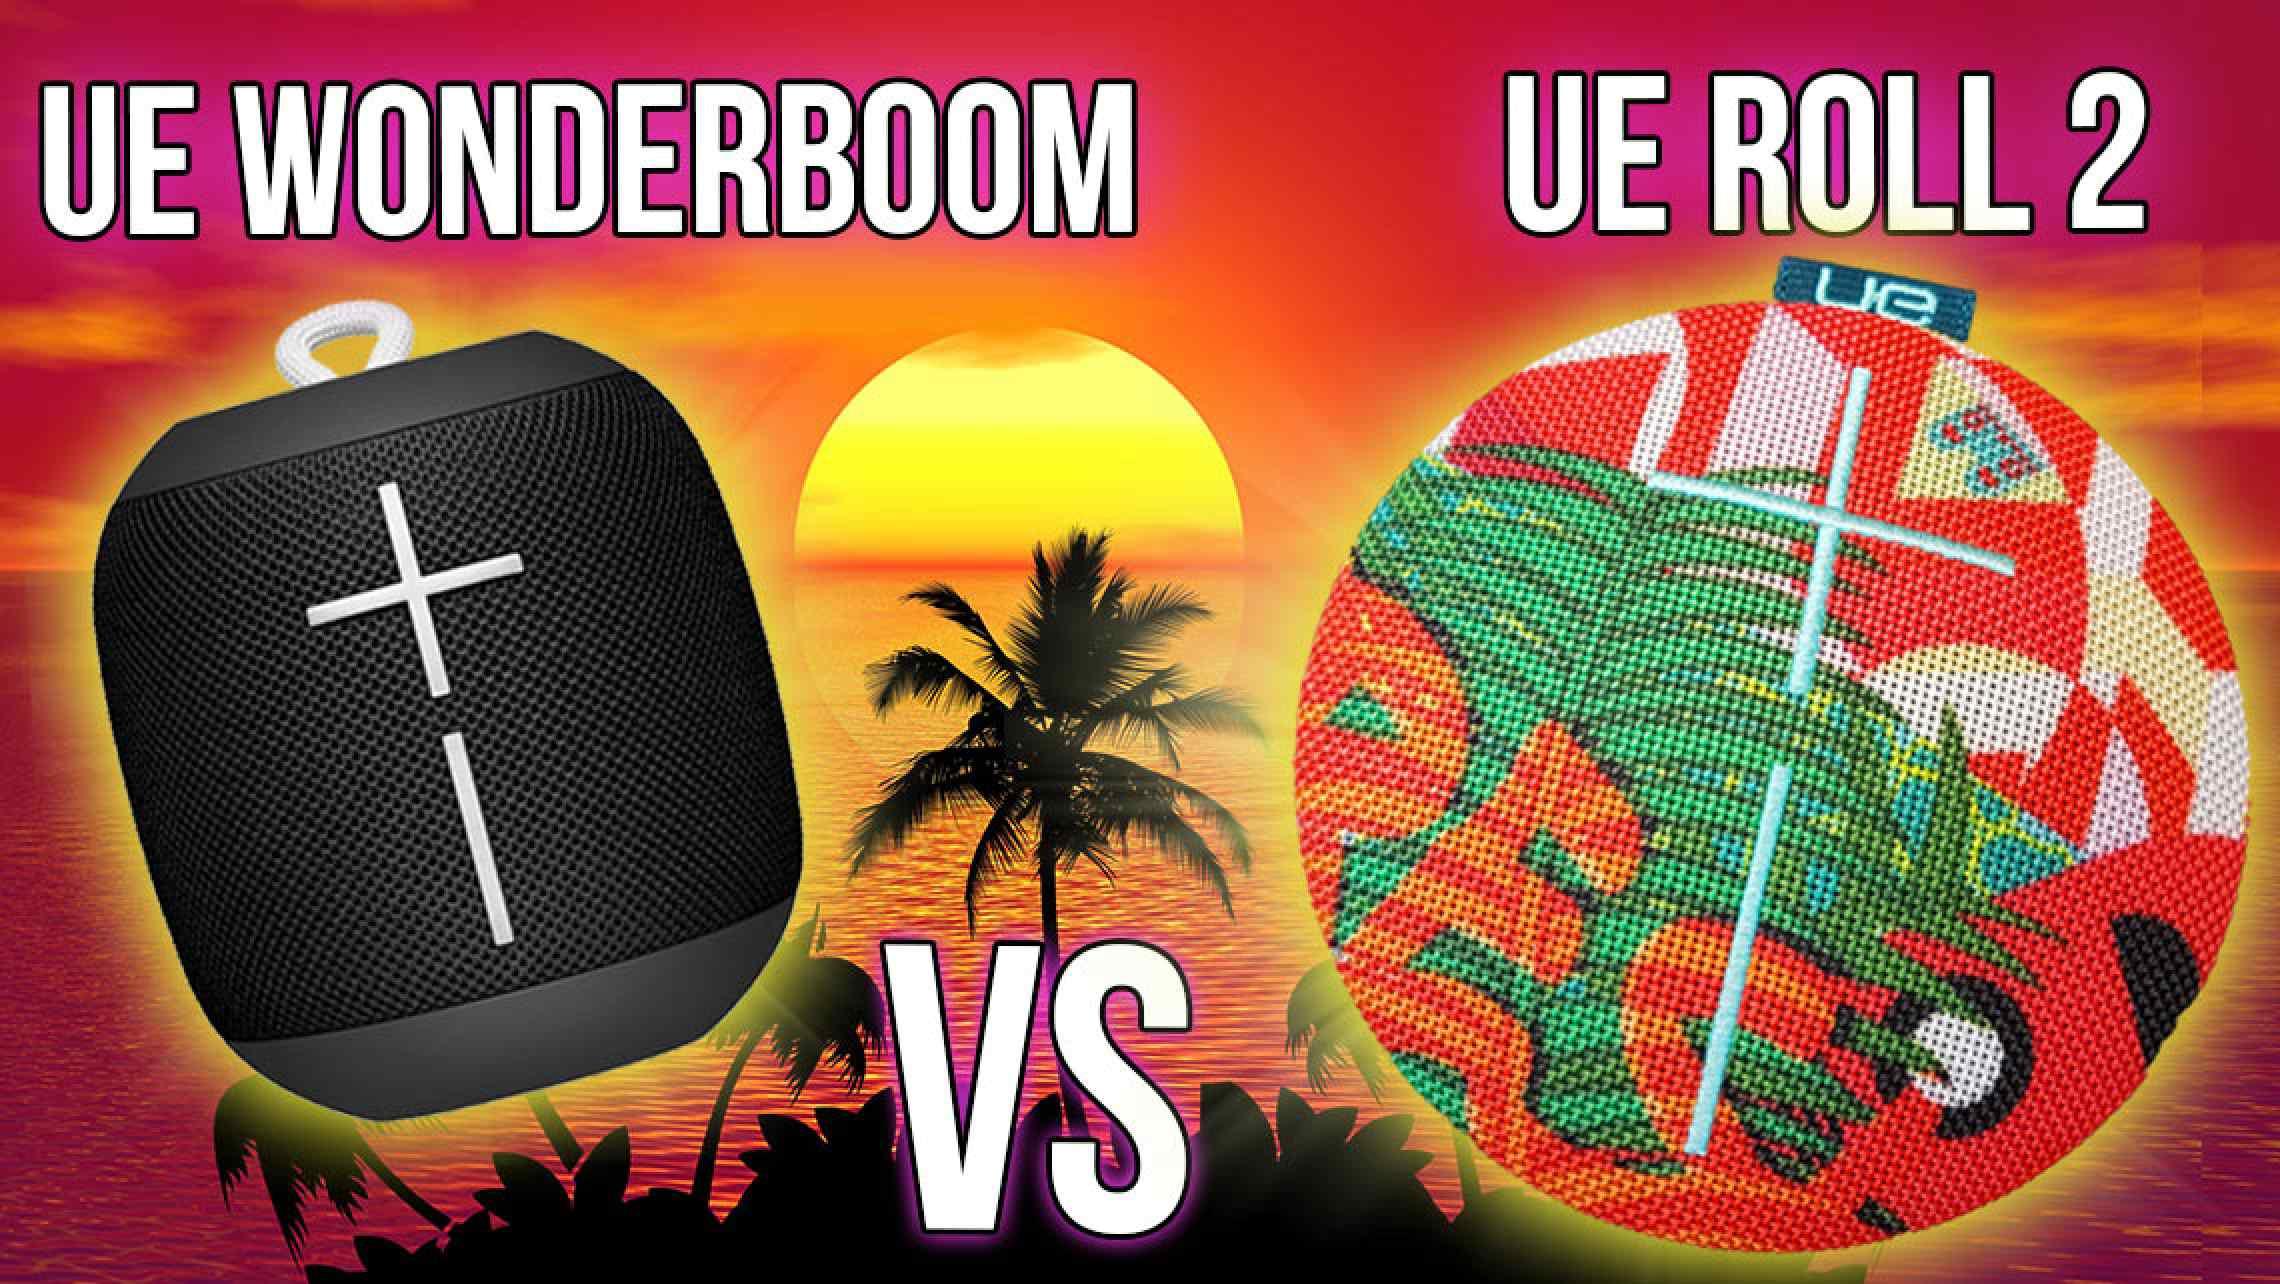 UE Wonderboom vs UE Roll 2 - Which one to choose? | SpeakerFanatic